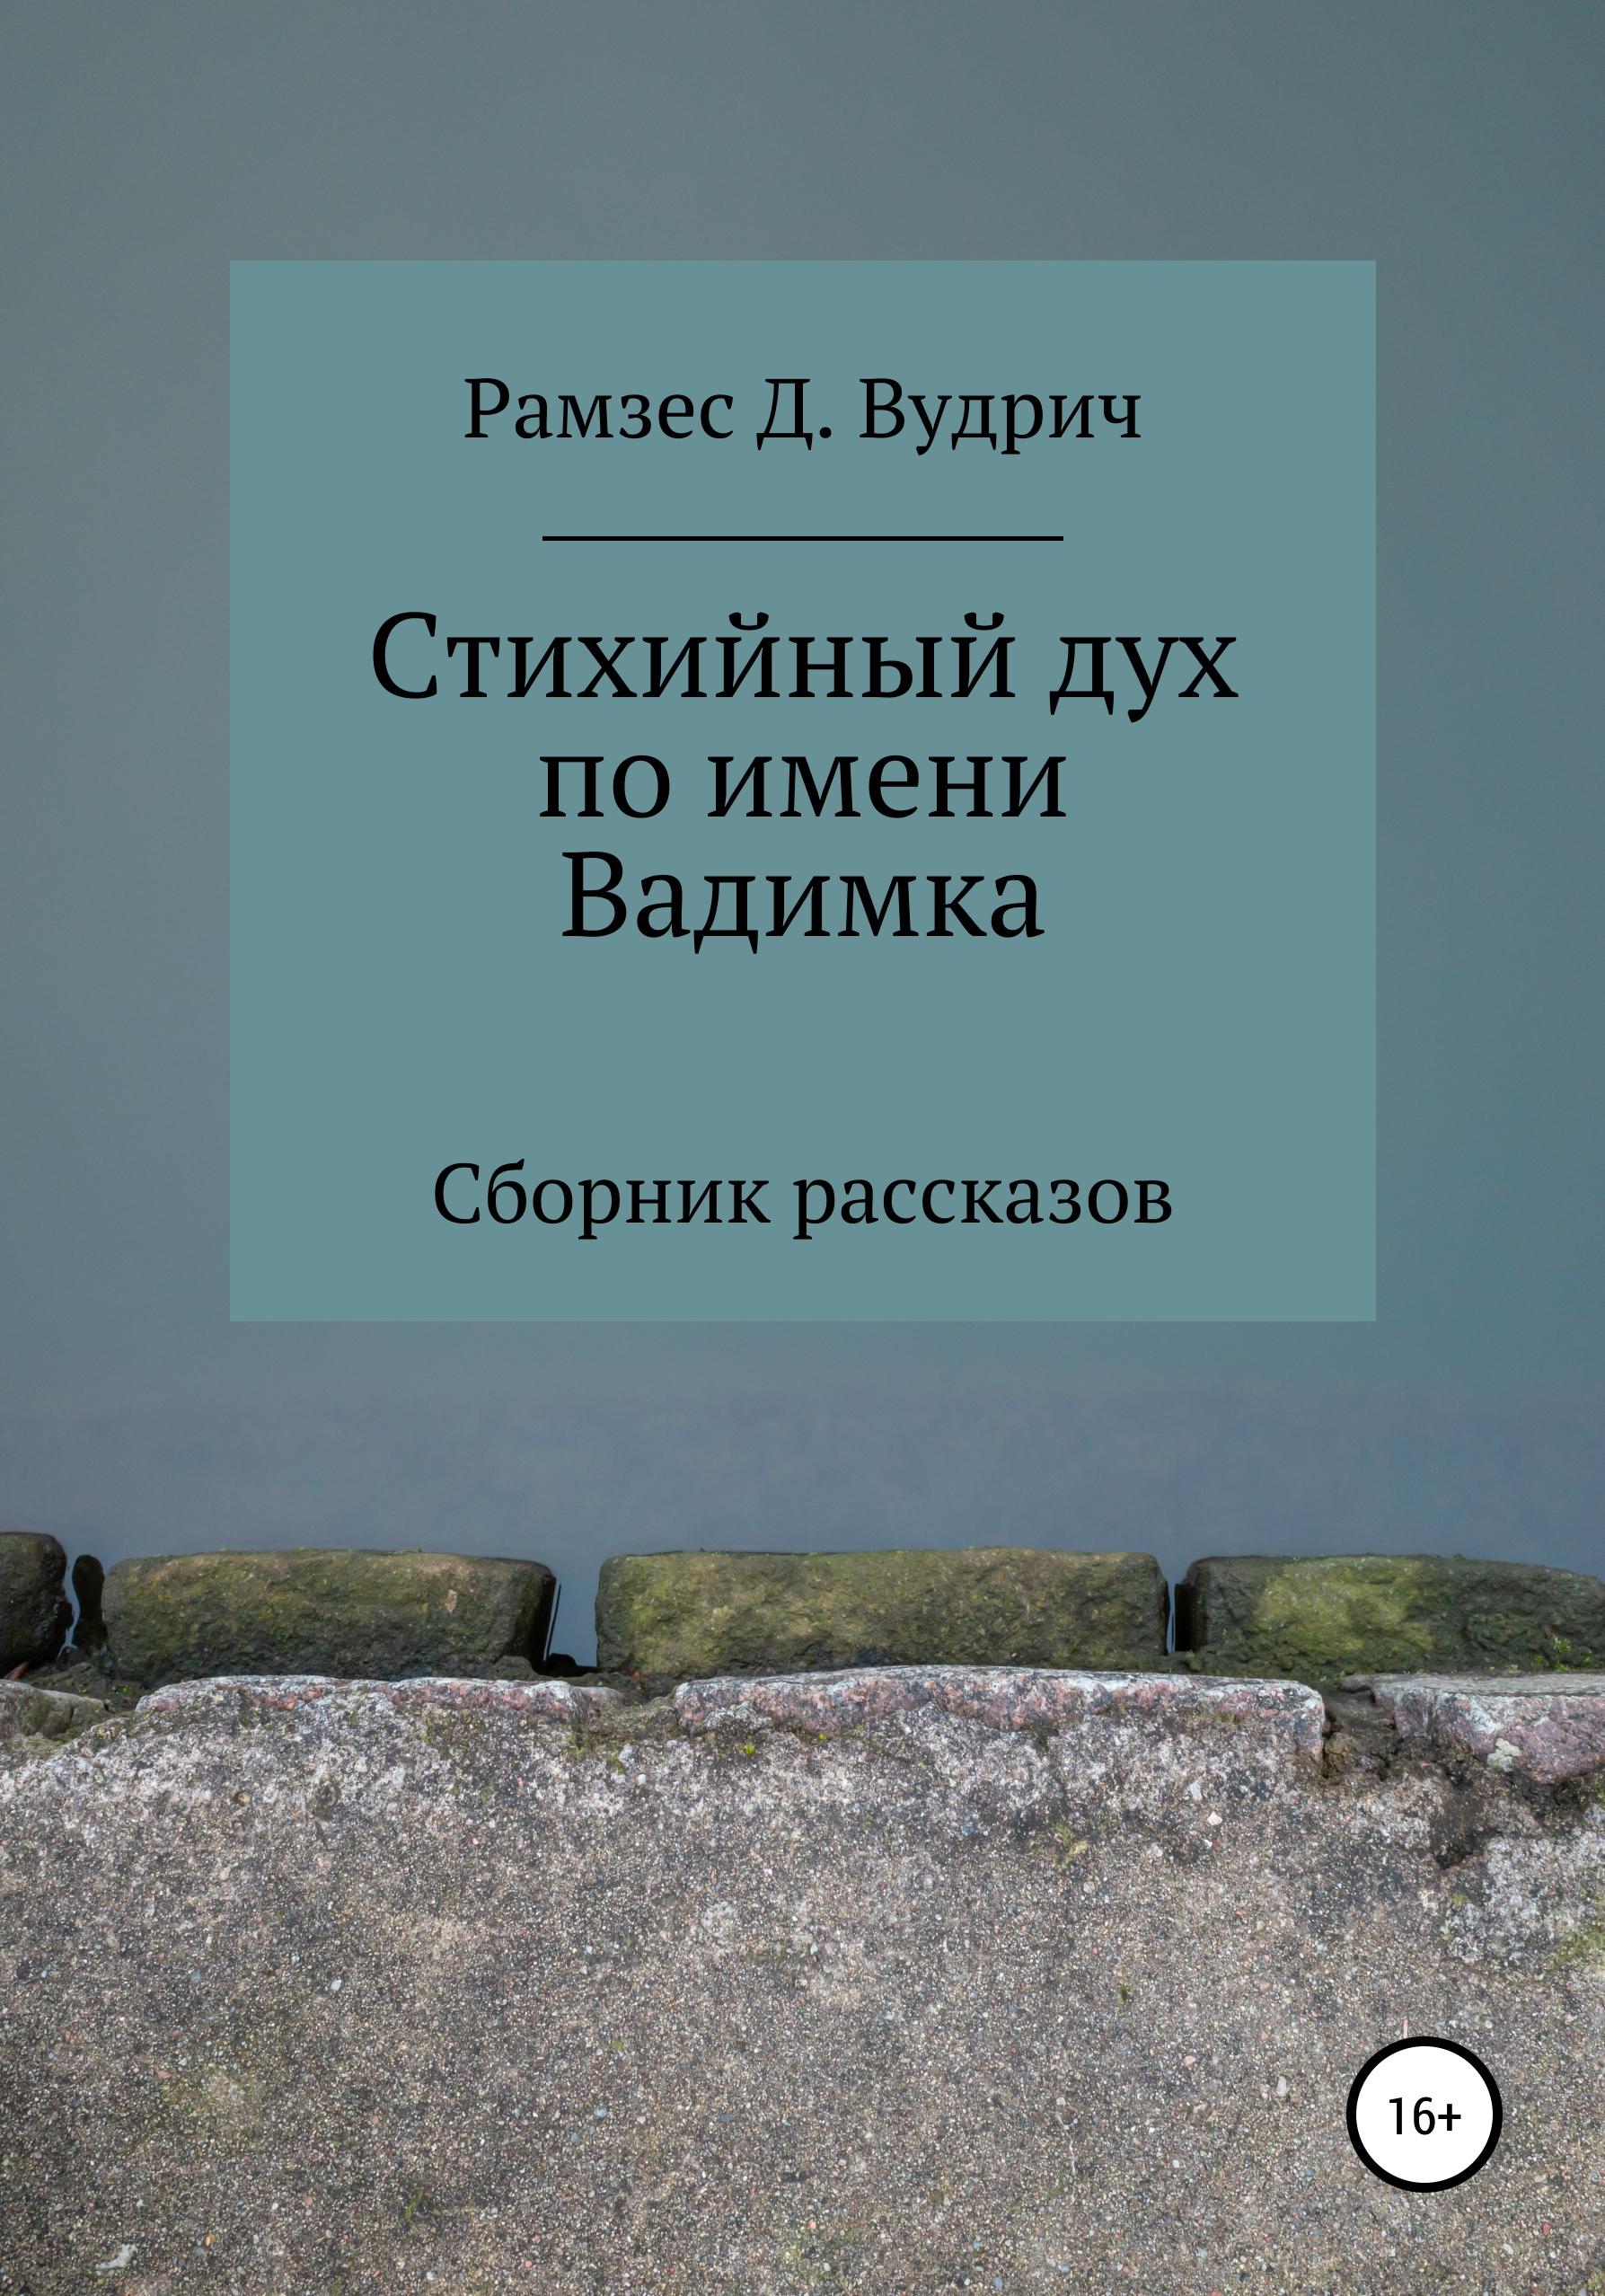 Стихийный дух по имени Вадимка. Сборник рассказов